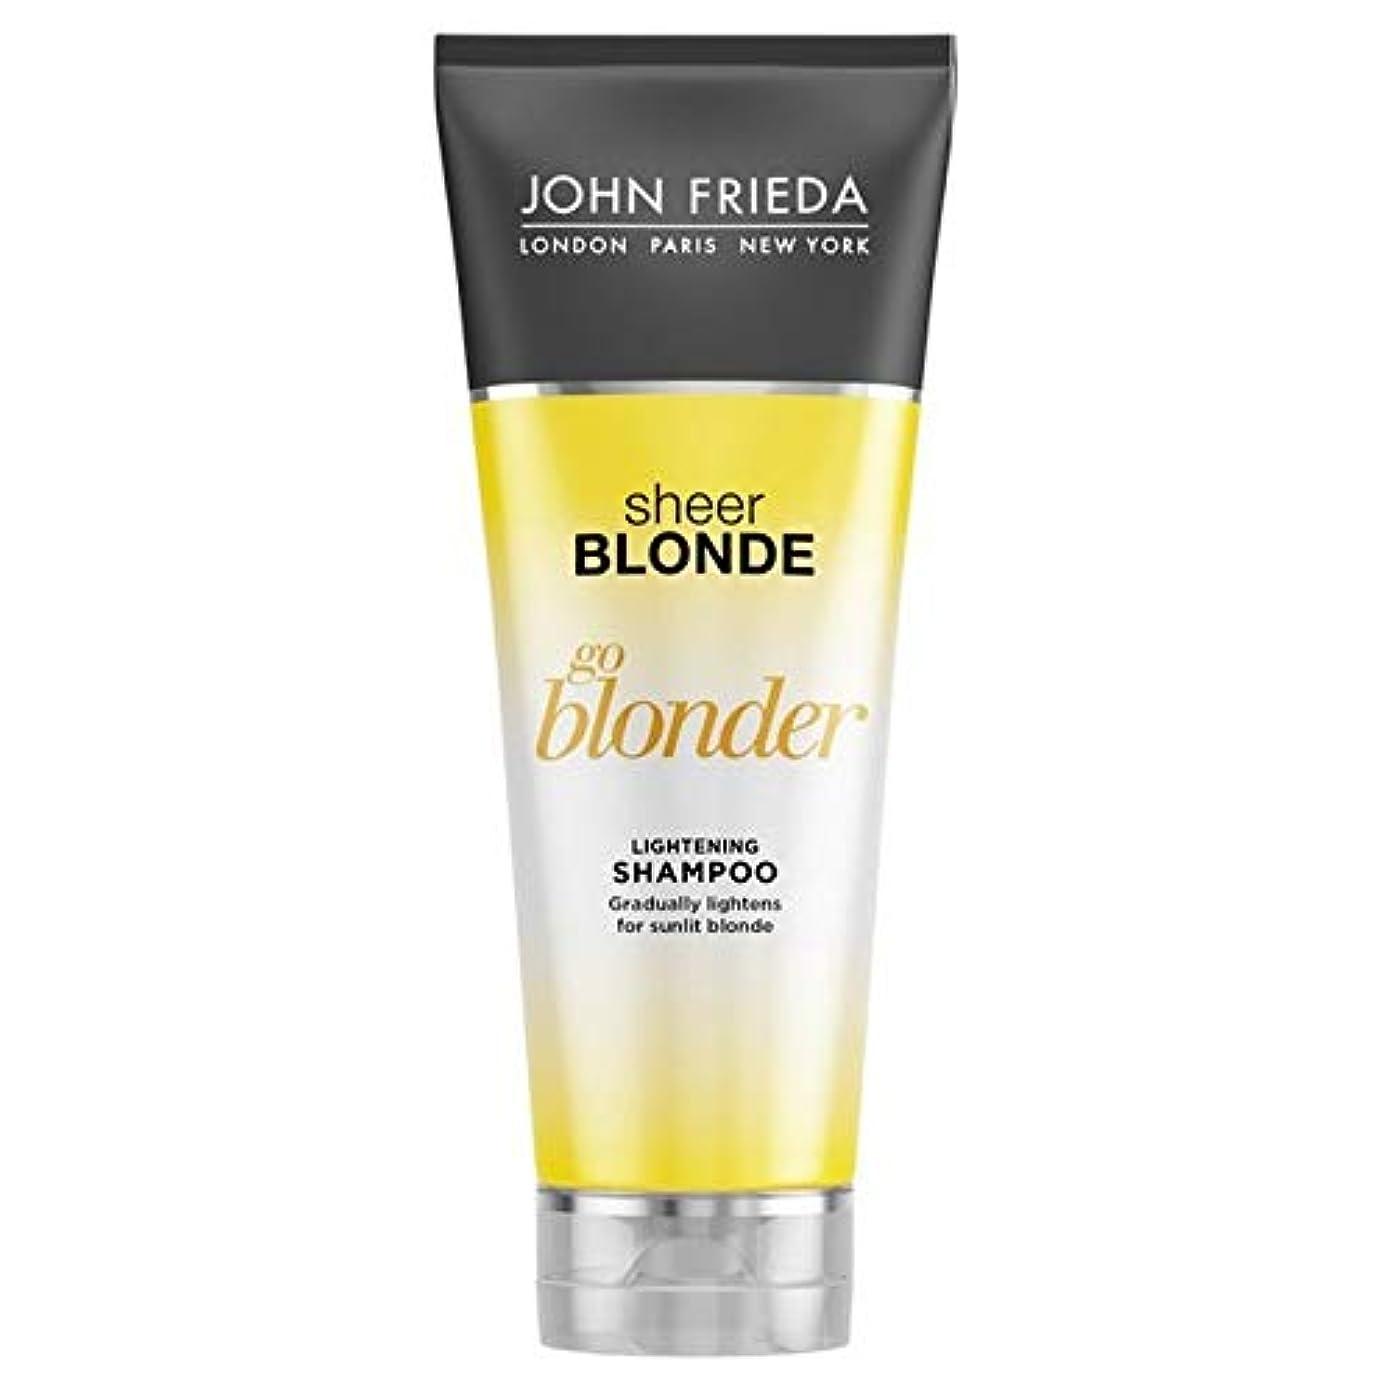 対角線オーラルバン[John Frieda ] ジョン?フリーダ膨大なブロンド行くBlonder軽くシャンプー250Ml - John Frieda Sheer Blonde Go Blonder Lightening Shampoo 250ml [並行輸入品]